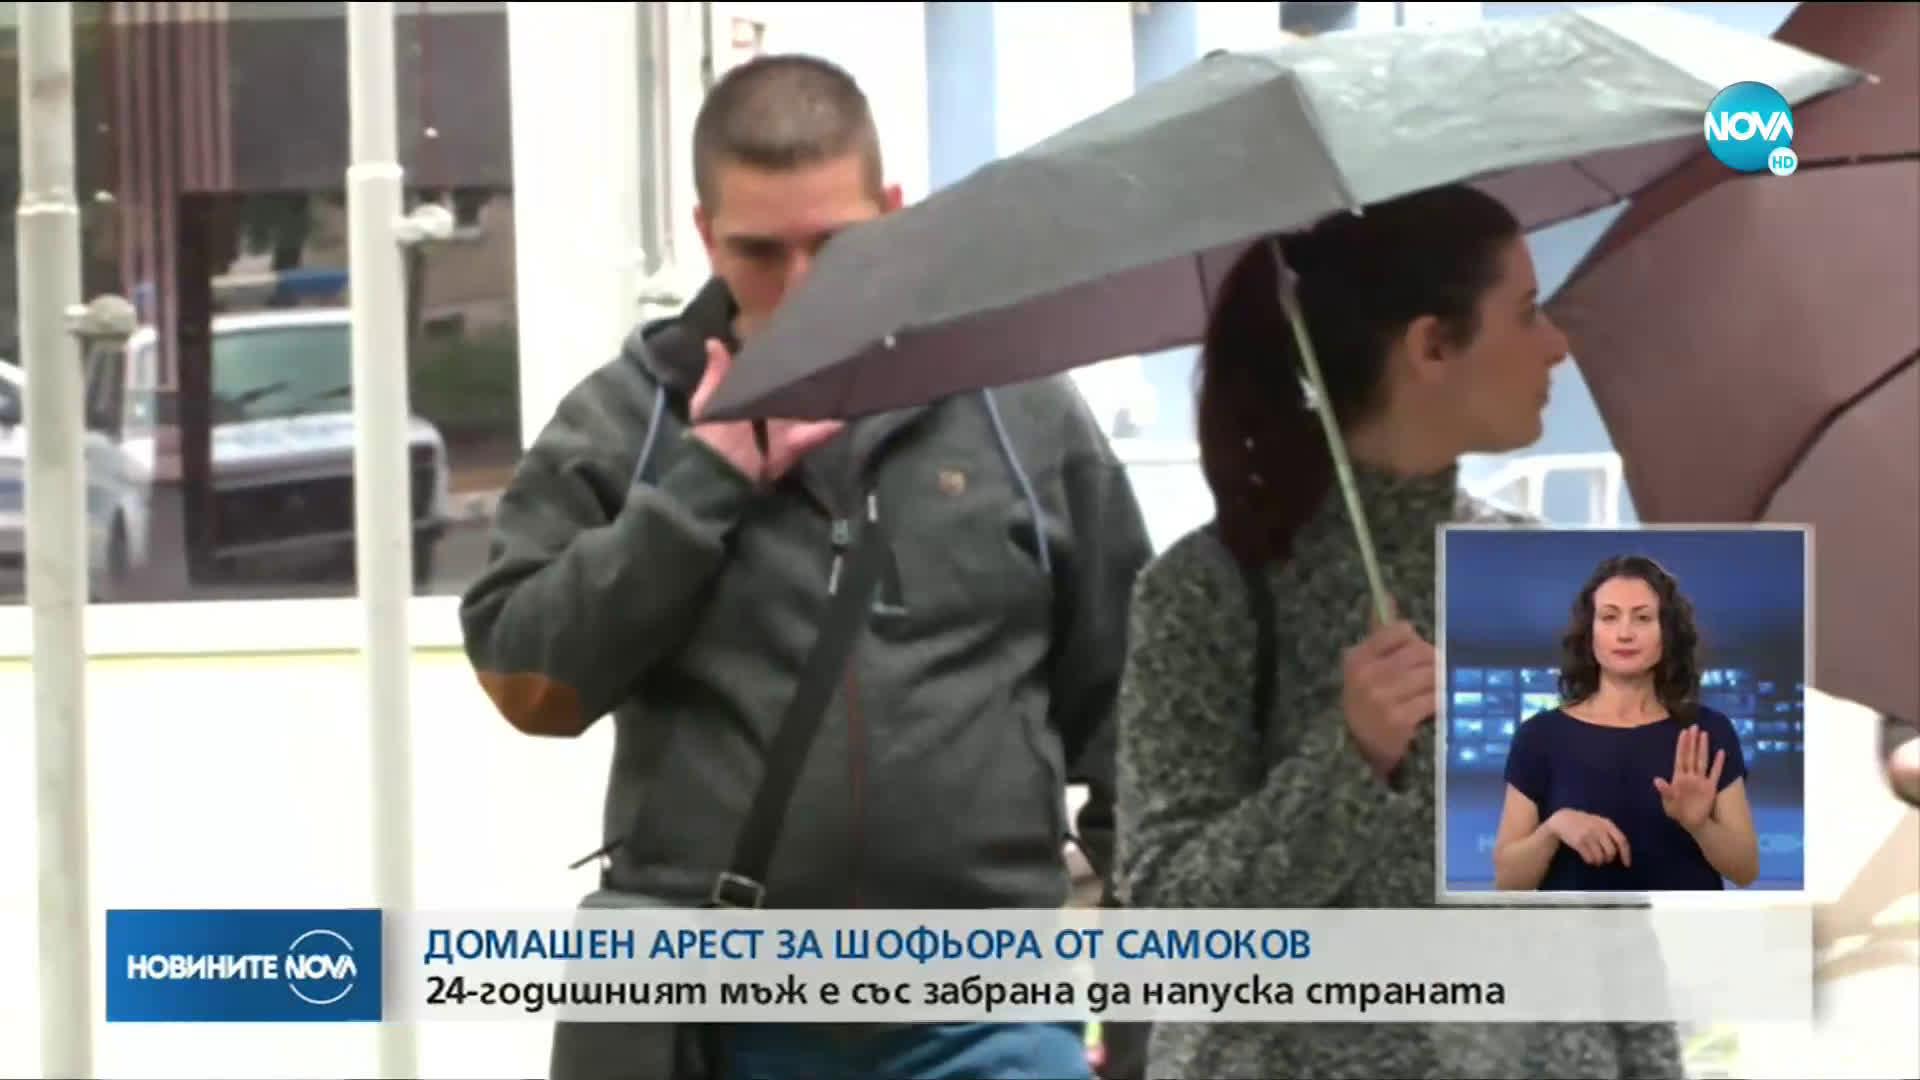 Домашен арест за шофьора, прегазил жена в центъра на Самоков